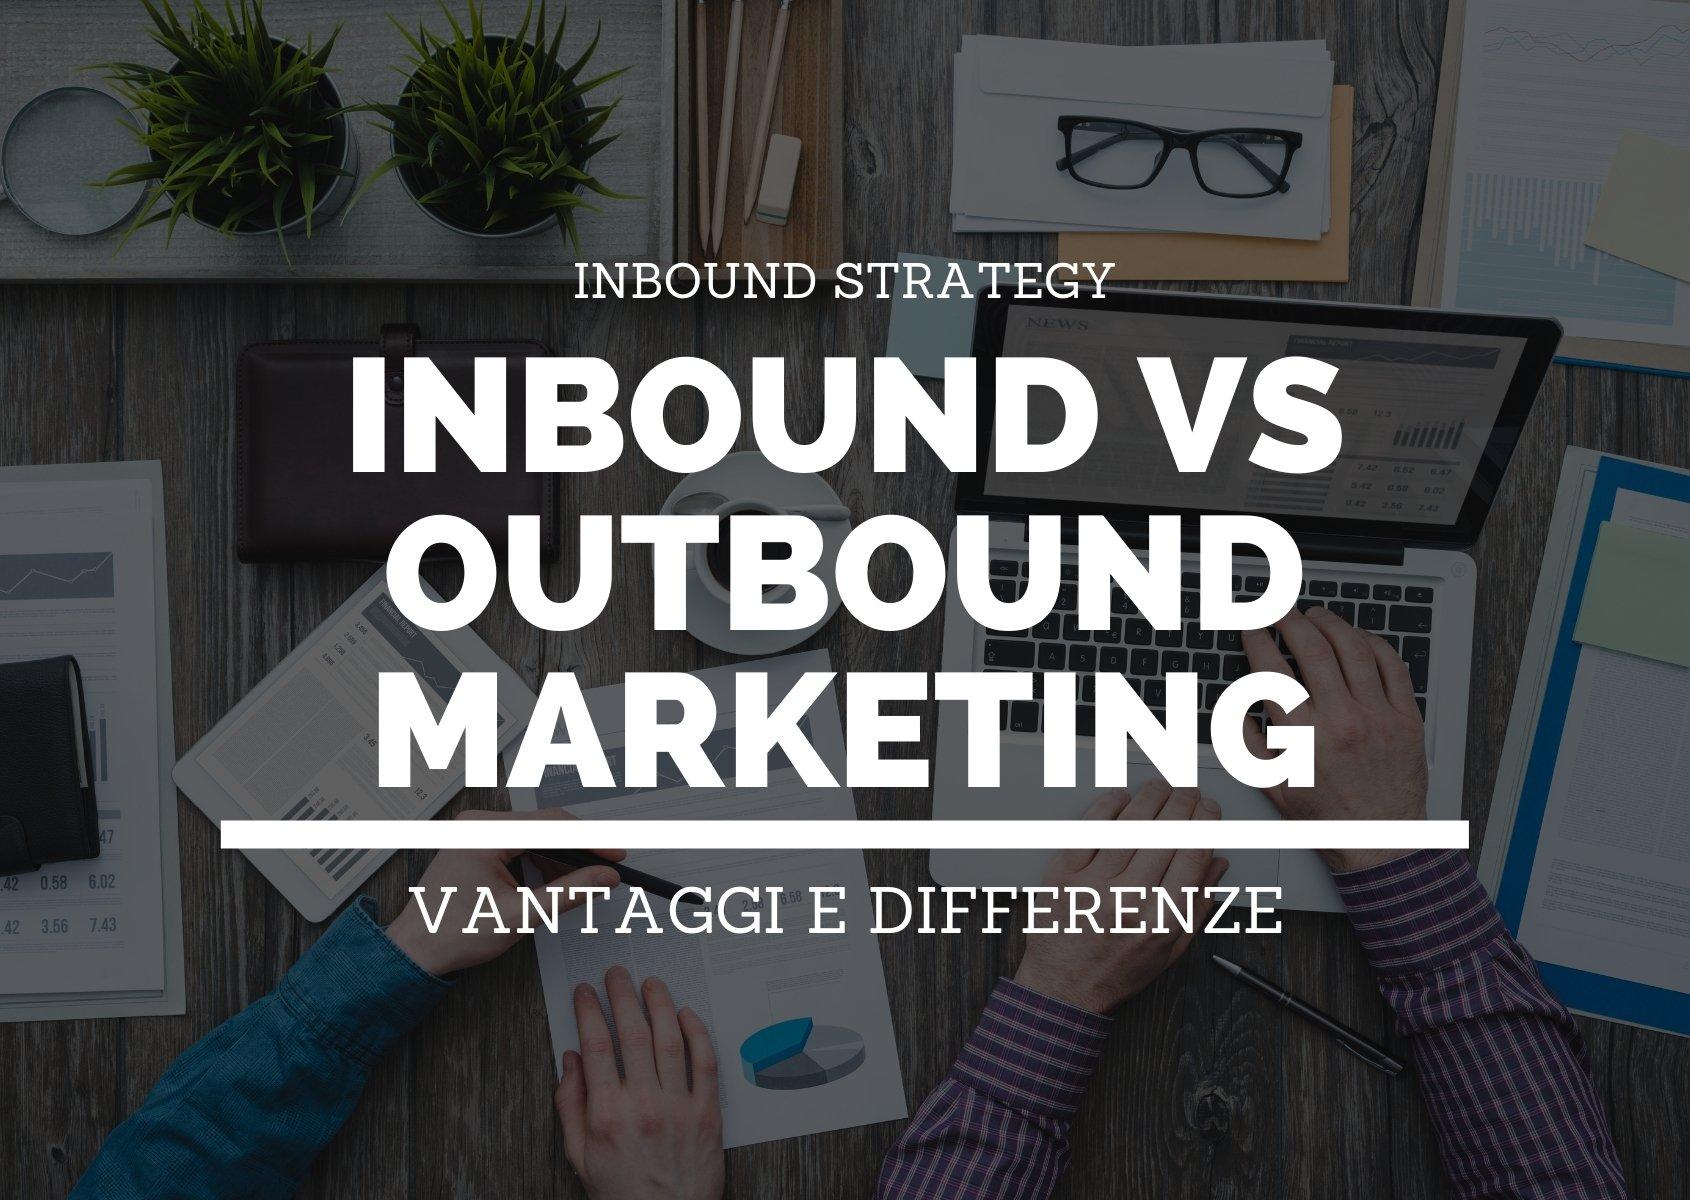 Inbound-outbound-contents-header